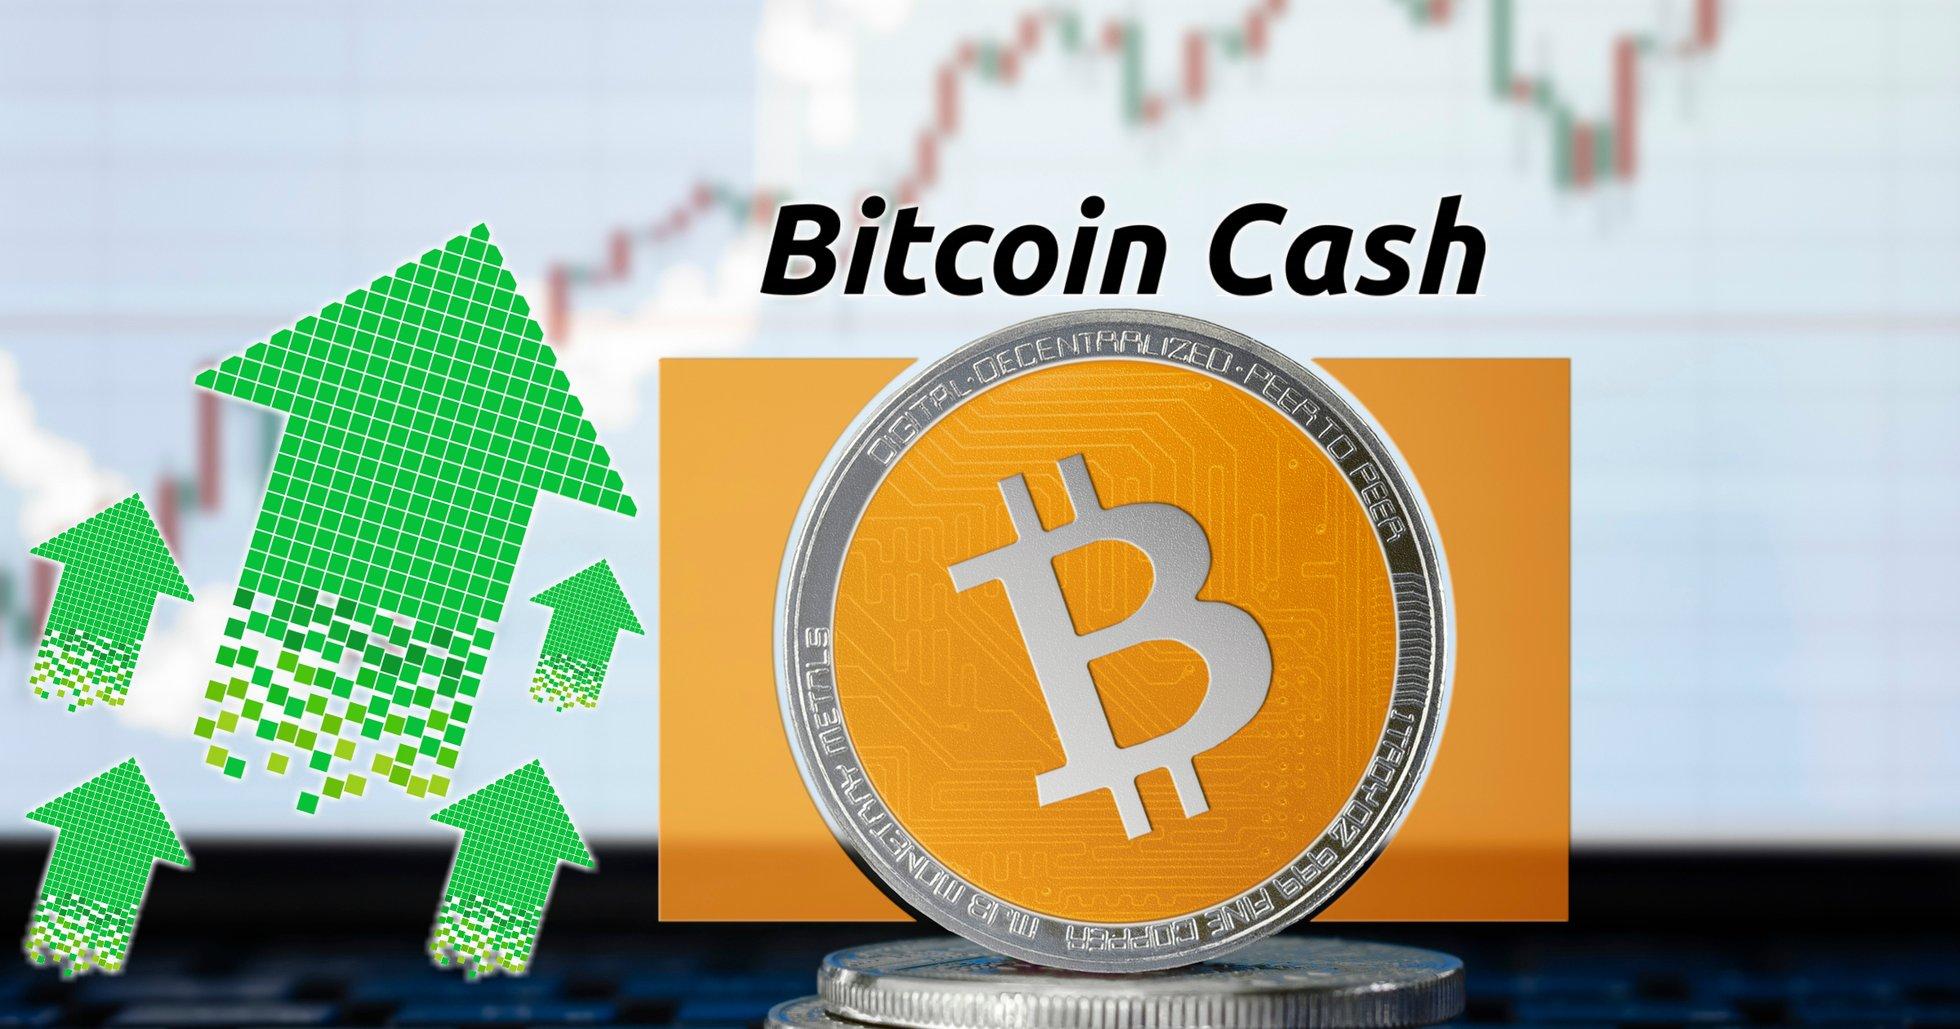 Kryptomarknaderna pekar svagt uppåt – bitcoin cash ökar mest av de största valutorna.